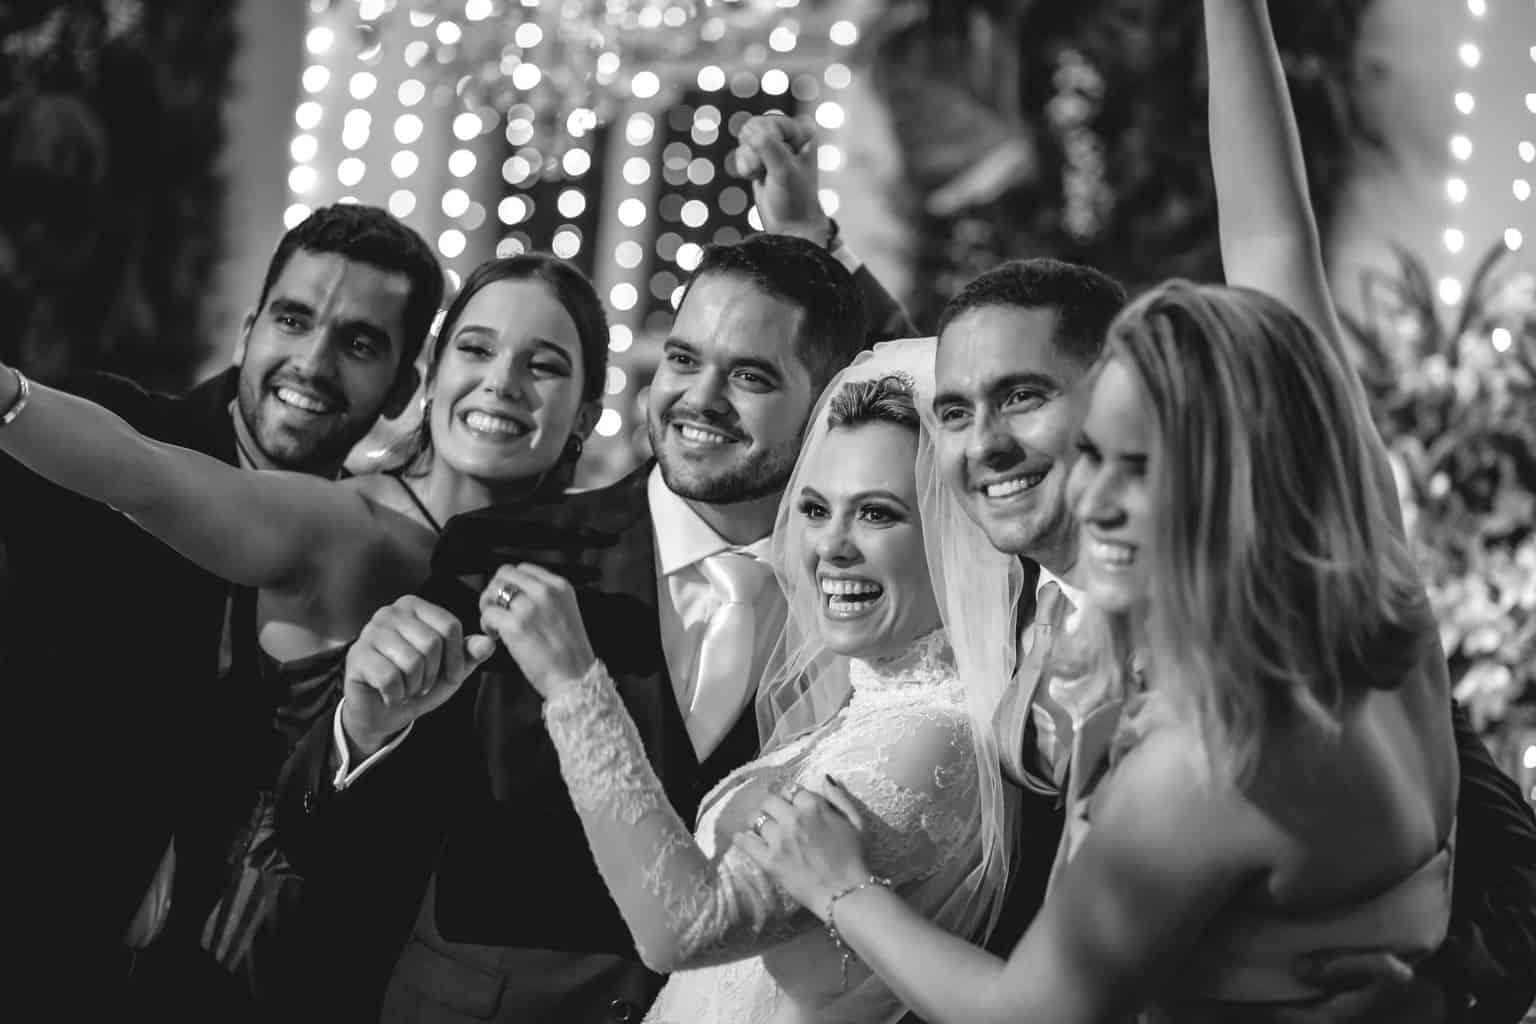 casamento-Juliana-e-Eduardo-Fotografia-Ricardo-Nascimento-e-Thereza-magno-Usina-dois-irmãos75